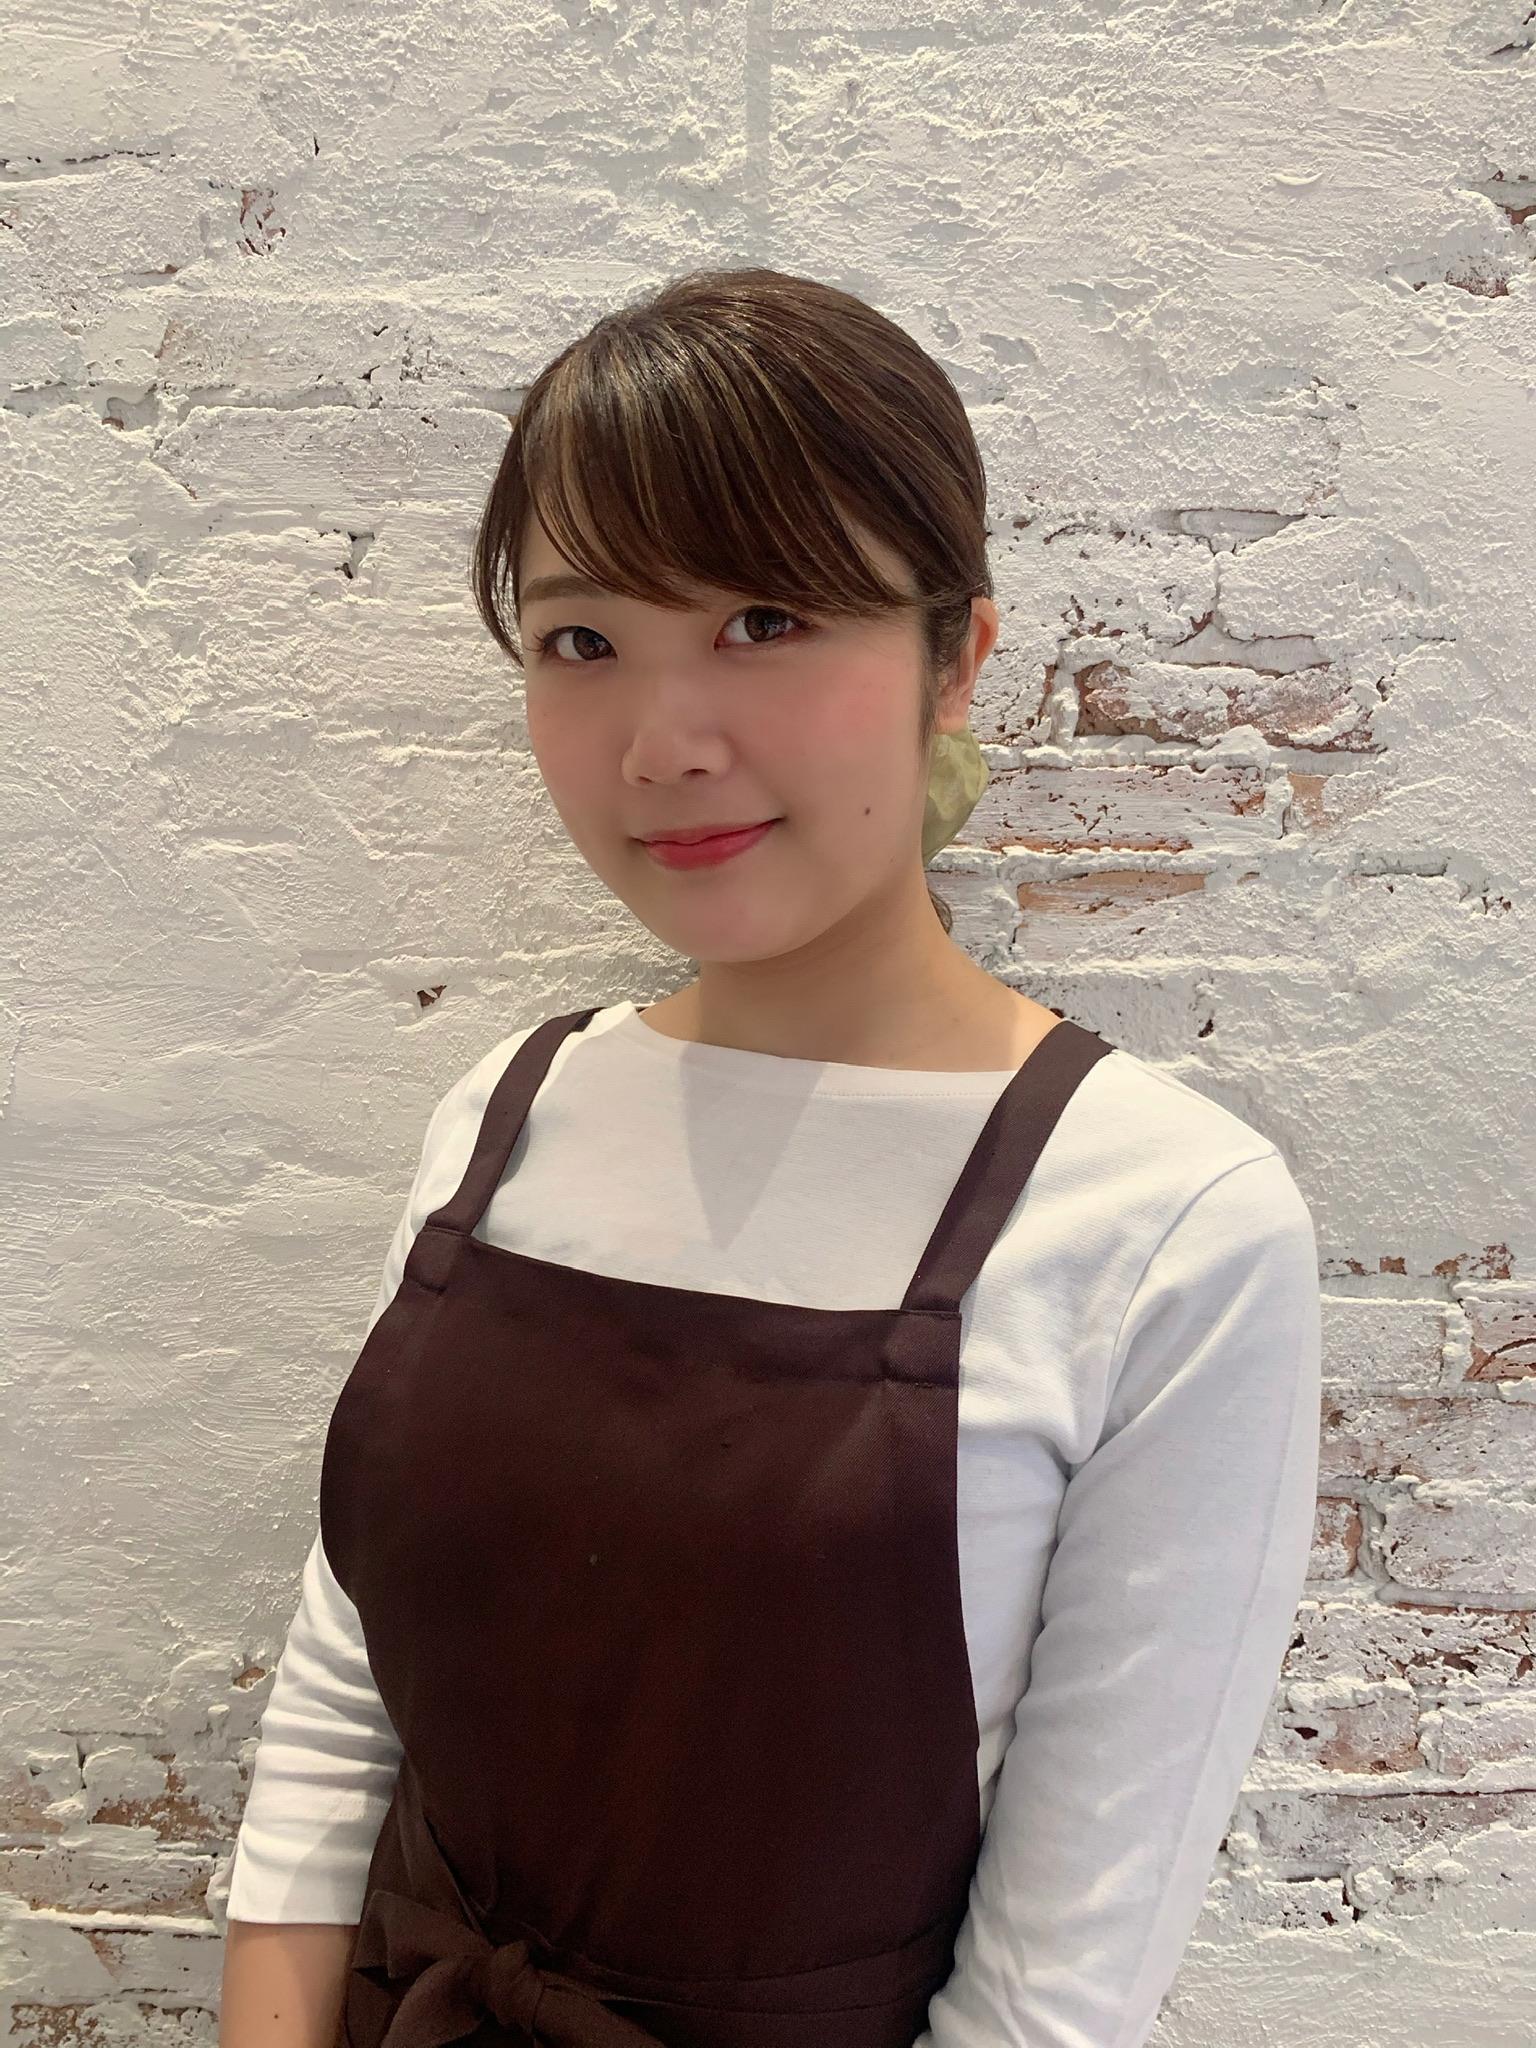 メンズグルーミングサロン 銀座二丁目店 飯野 紗彩